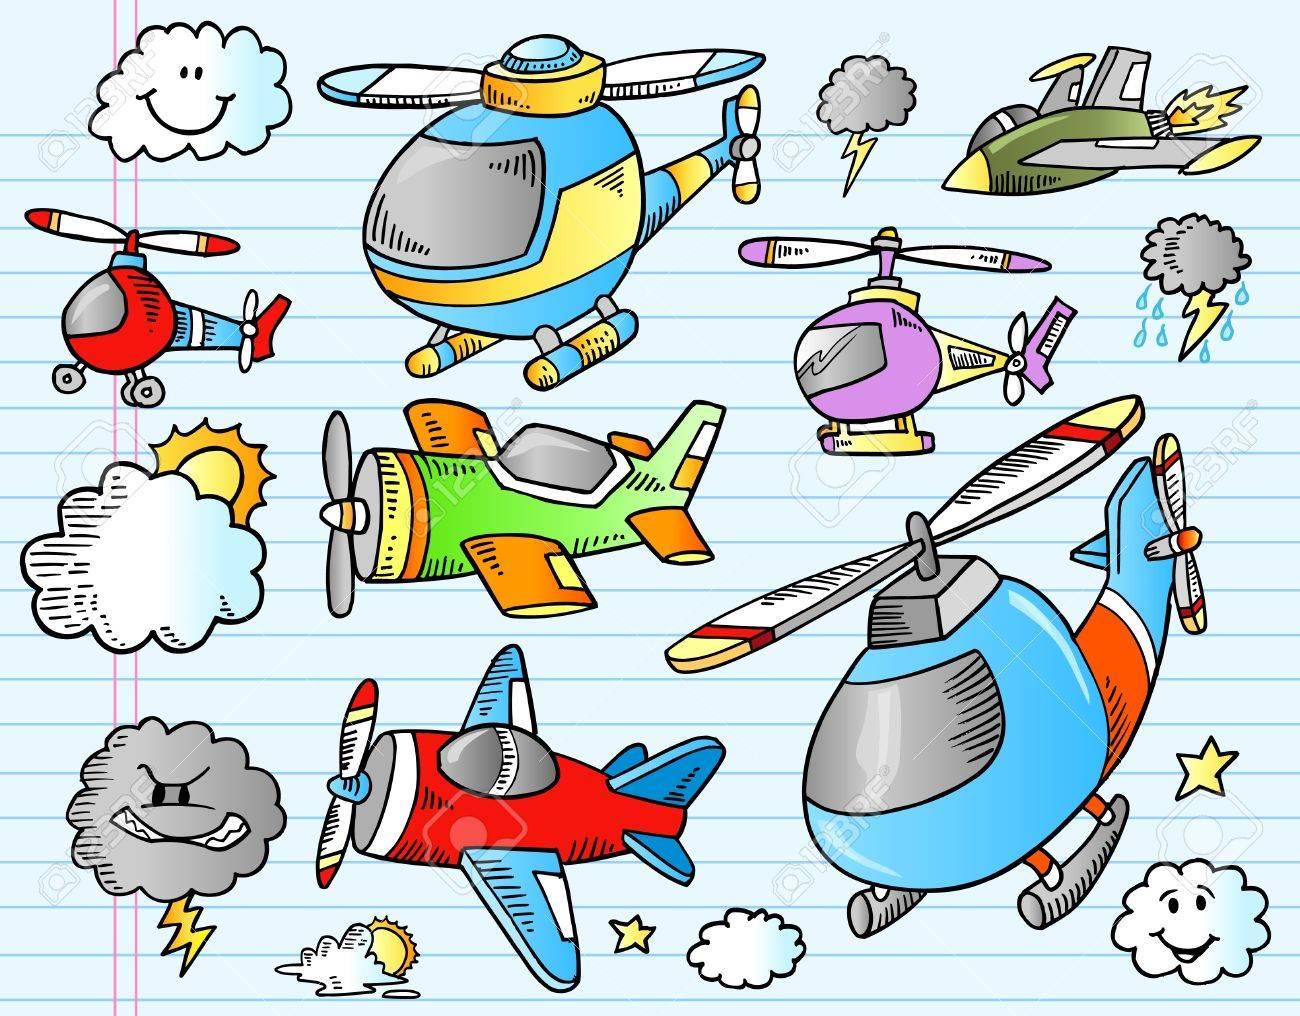 Notebook Aircraft Weather Doodle Sketch Illustration Set - 10024208